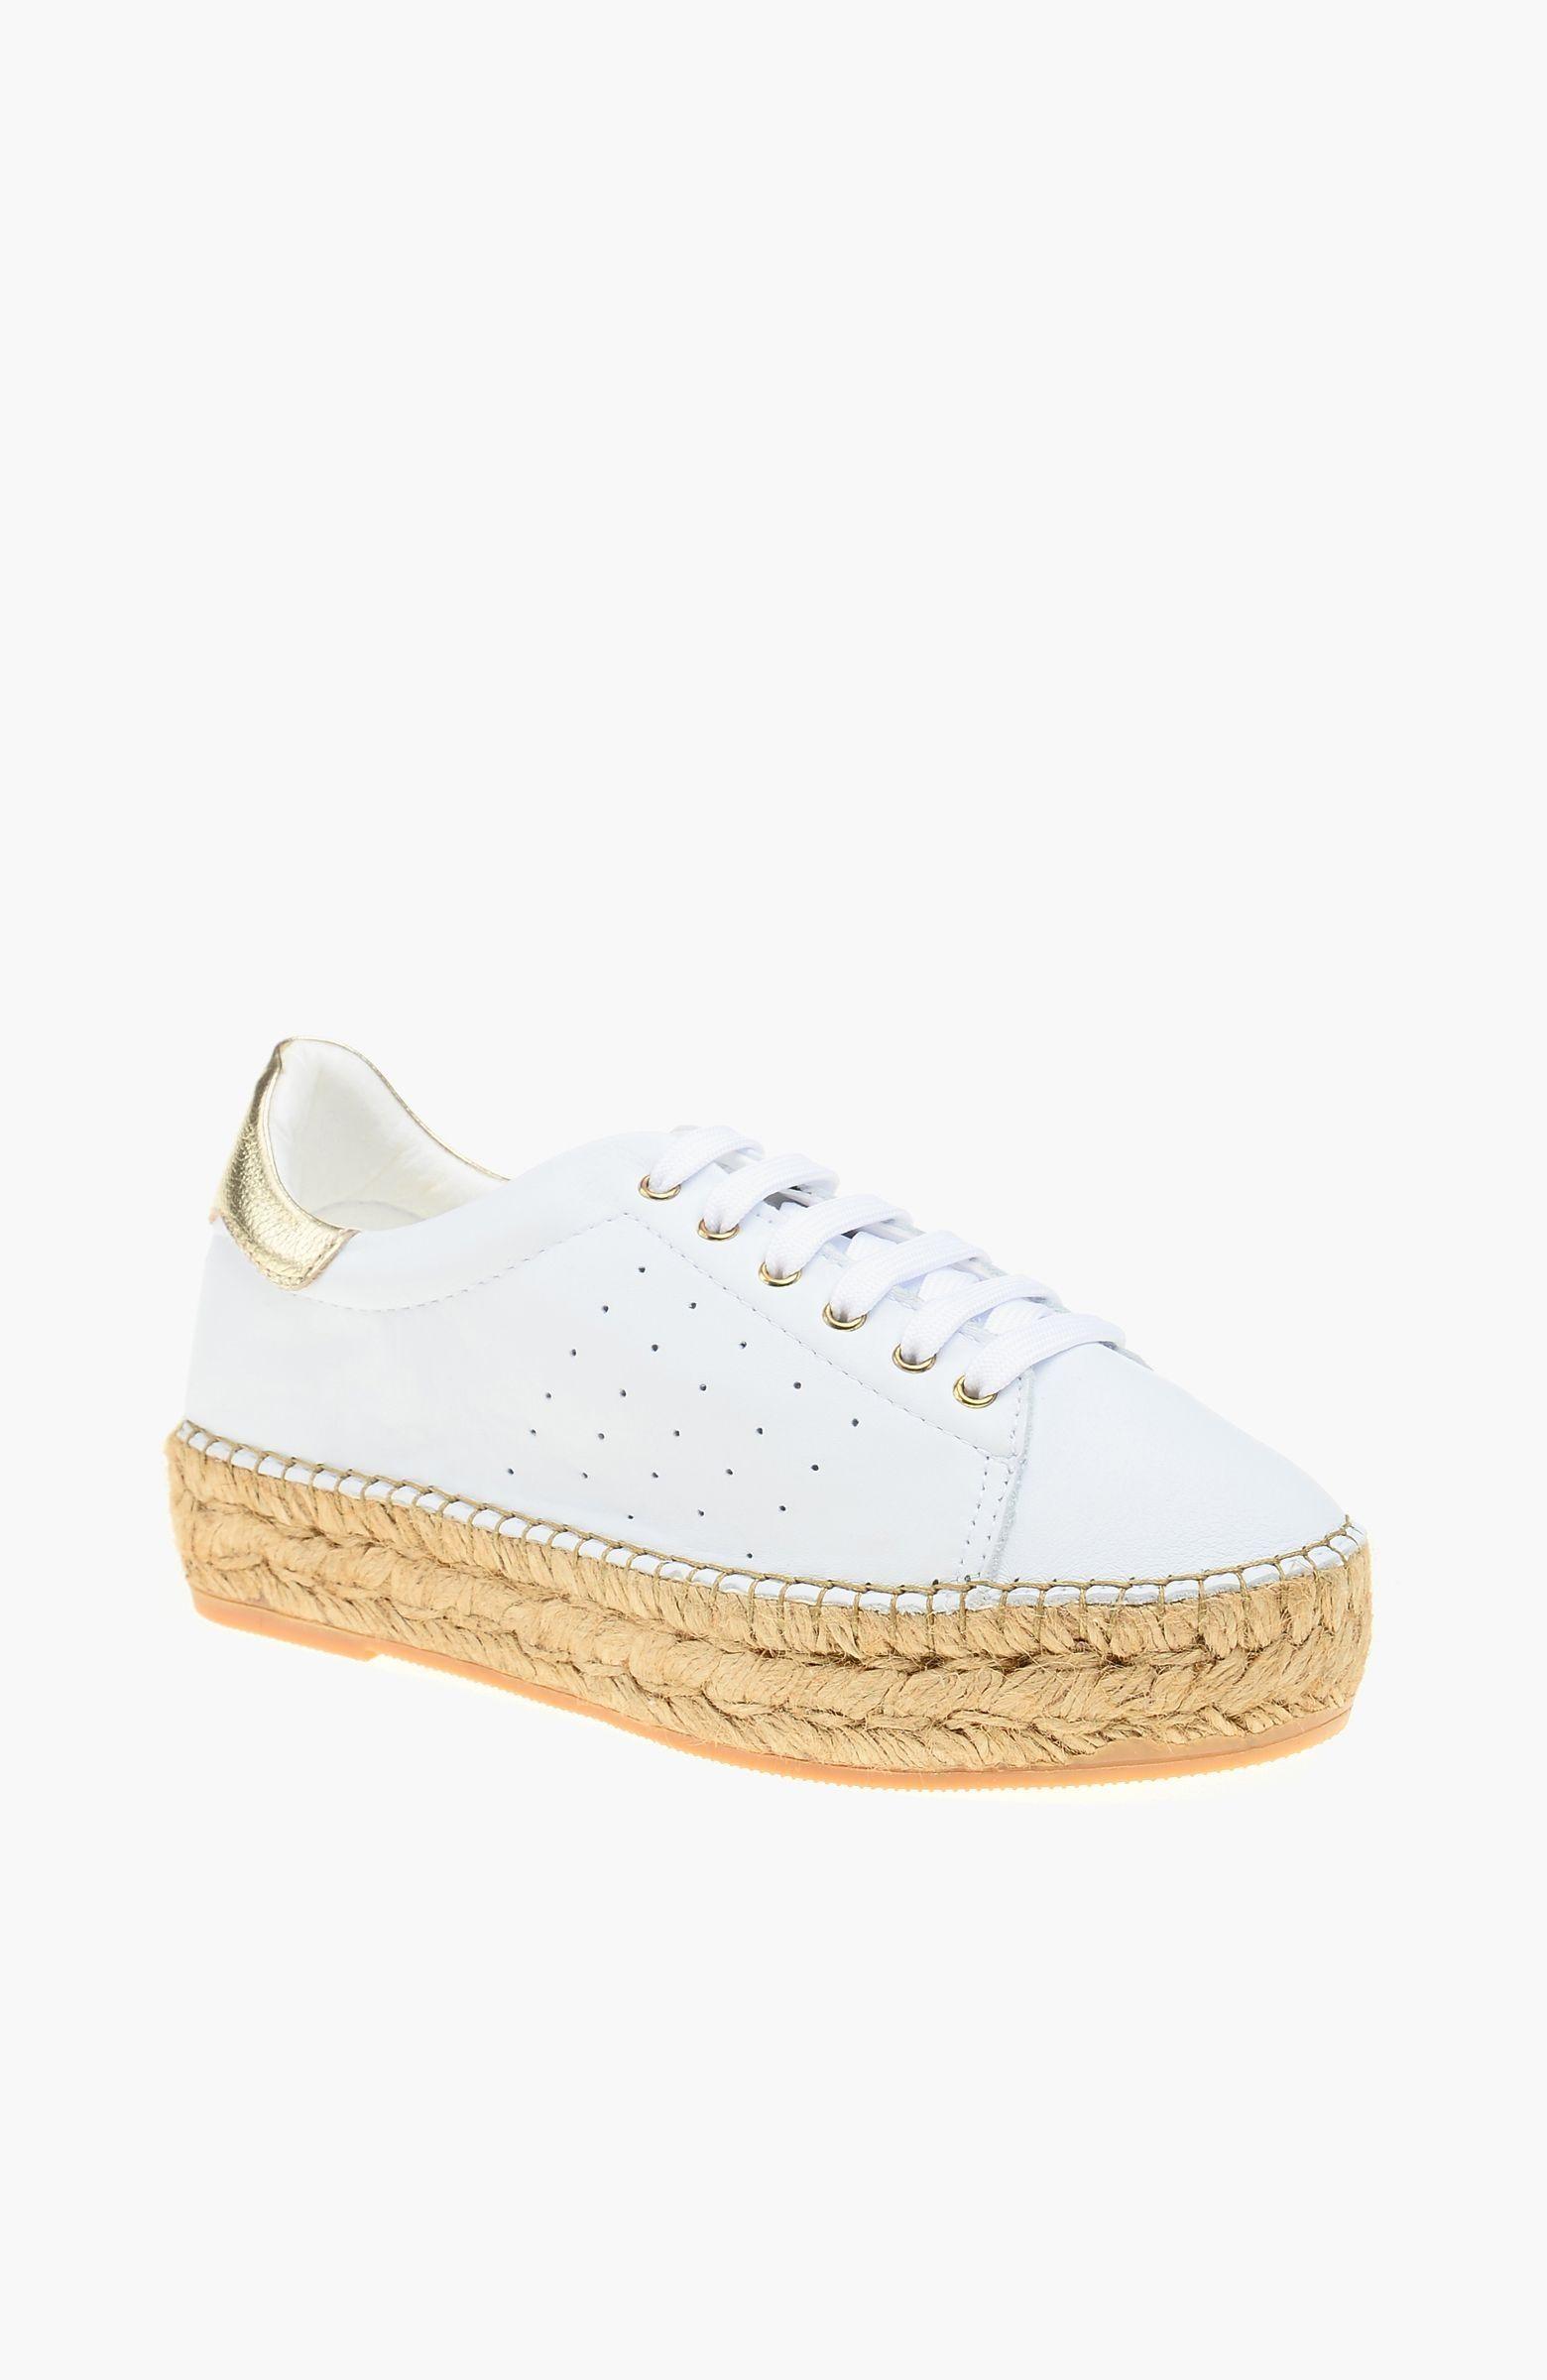 7c084235deb Shoes Sandals · Slipper · Bayan Yeni Sezon Ayakkabı Ve Aksesuar Modelleri -  Network